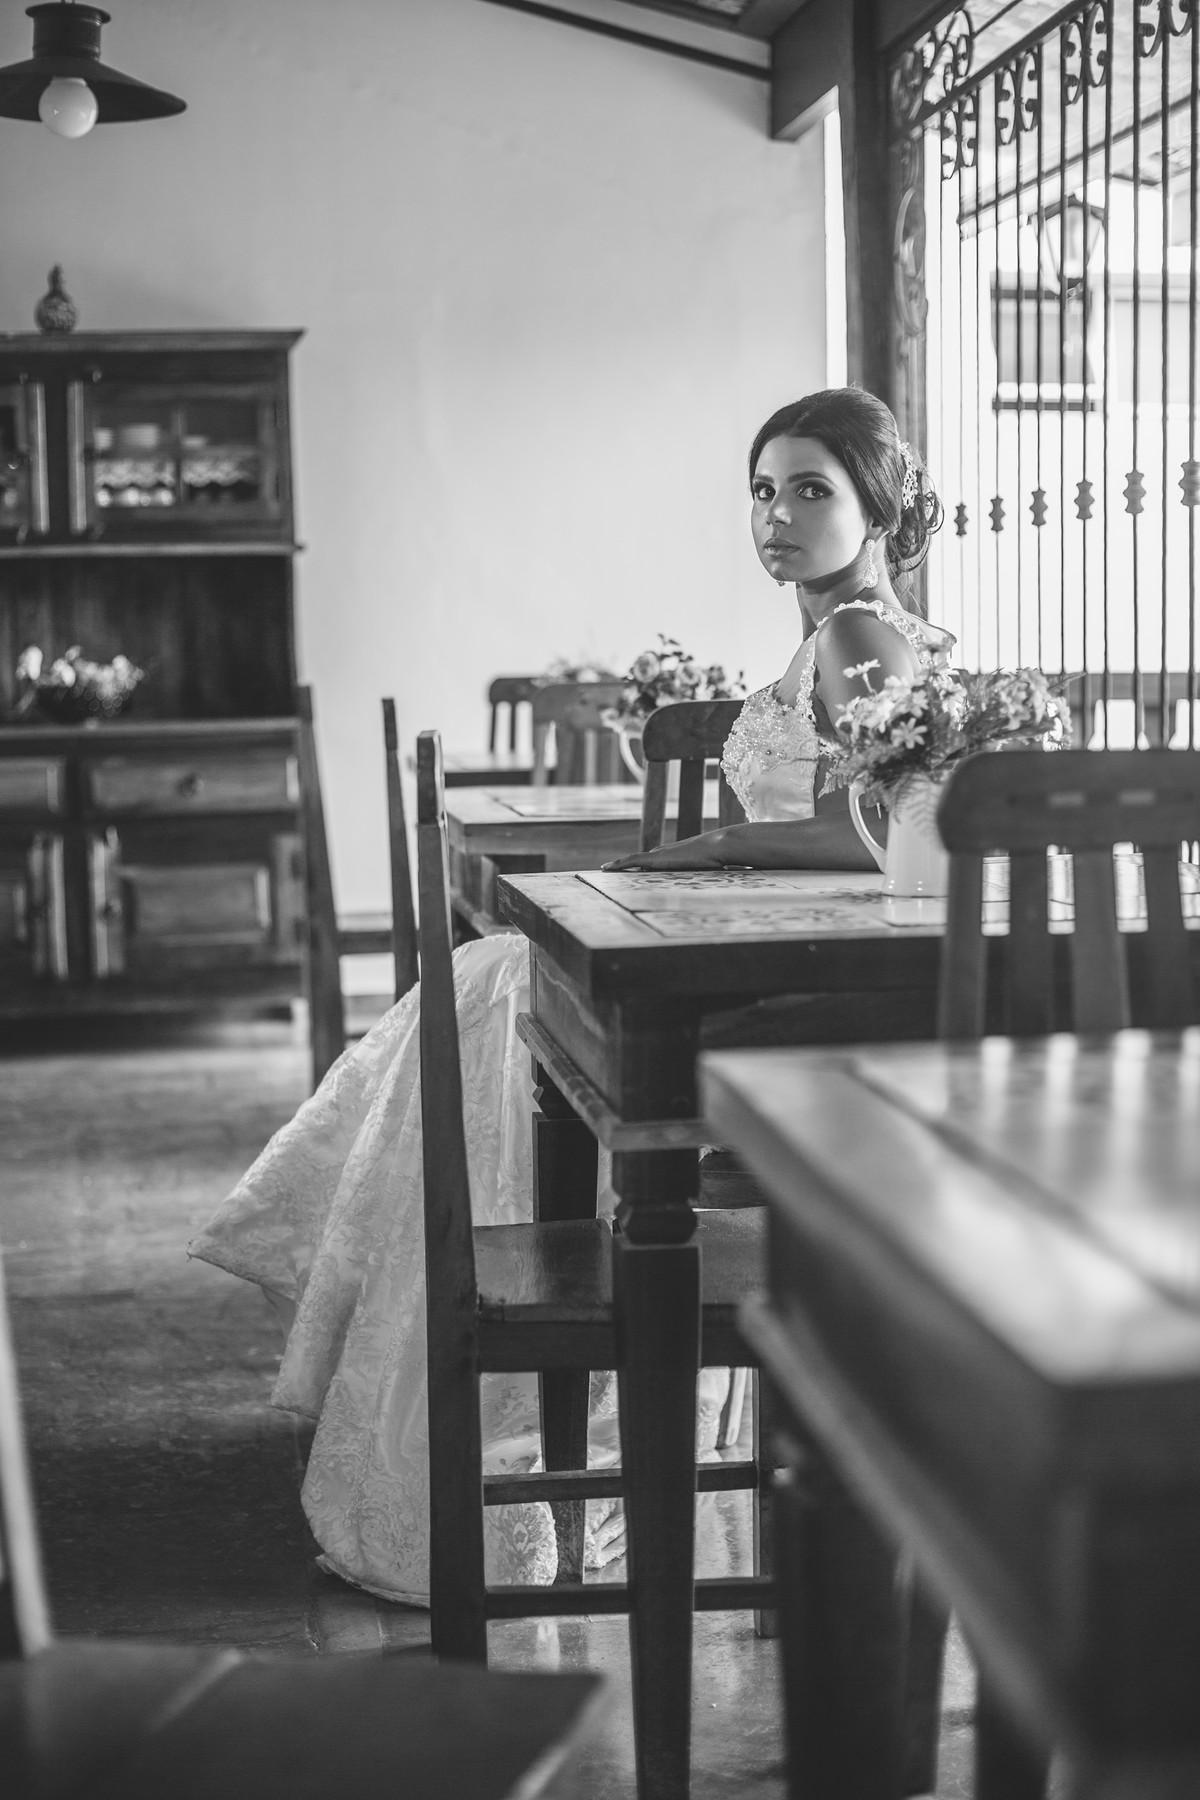 Noiva sentada esperando foto feita pelo fotógrafo Rafael Ohana em Paracatu-M